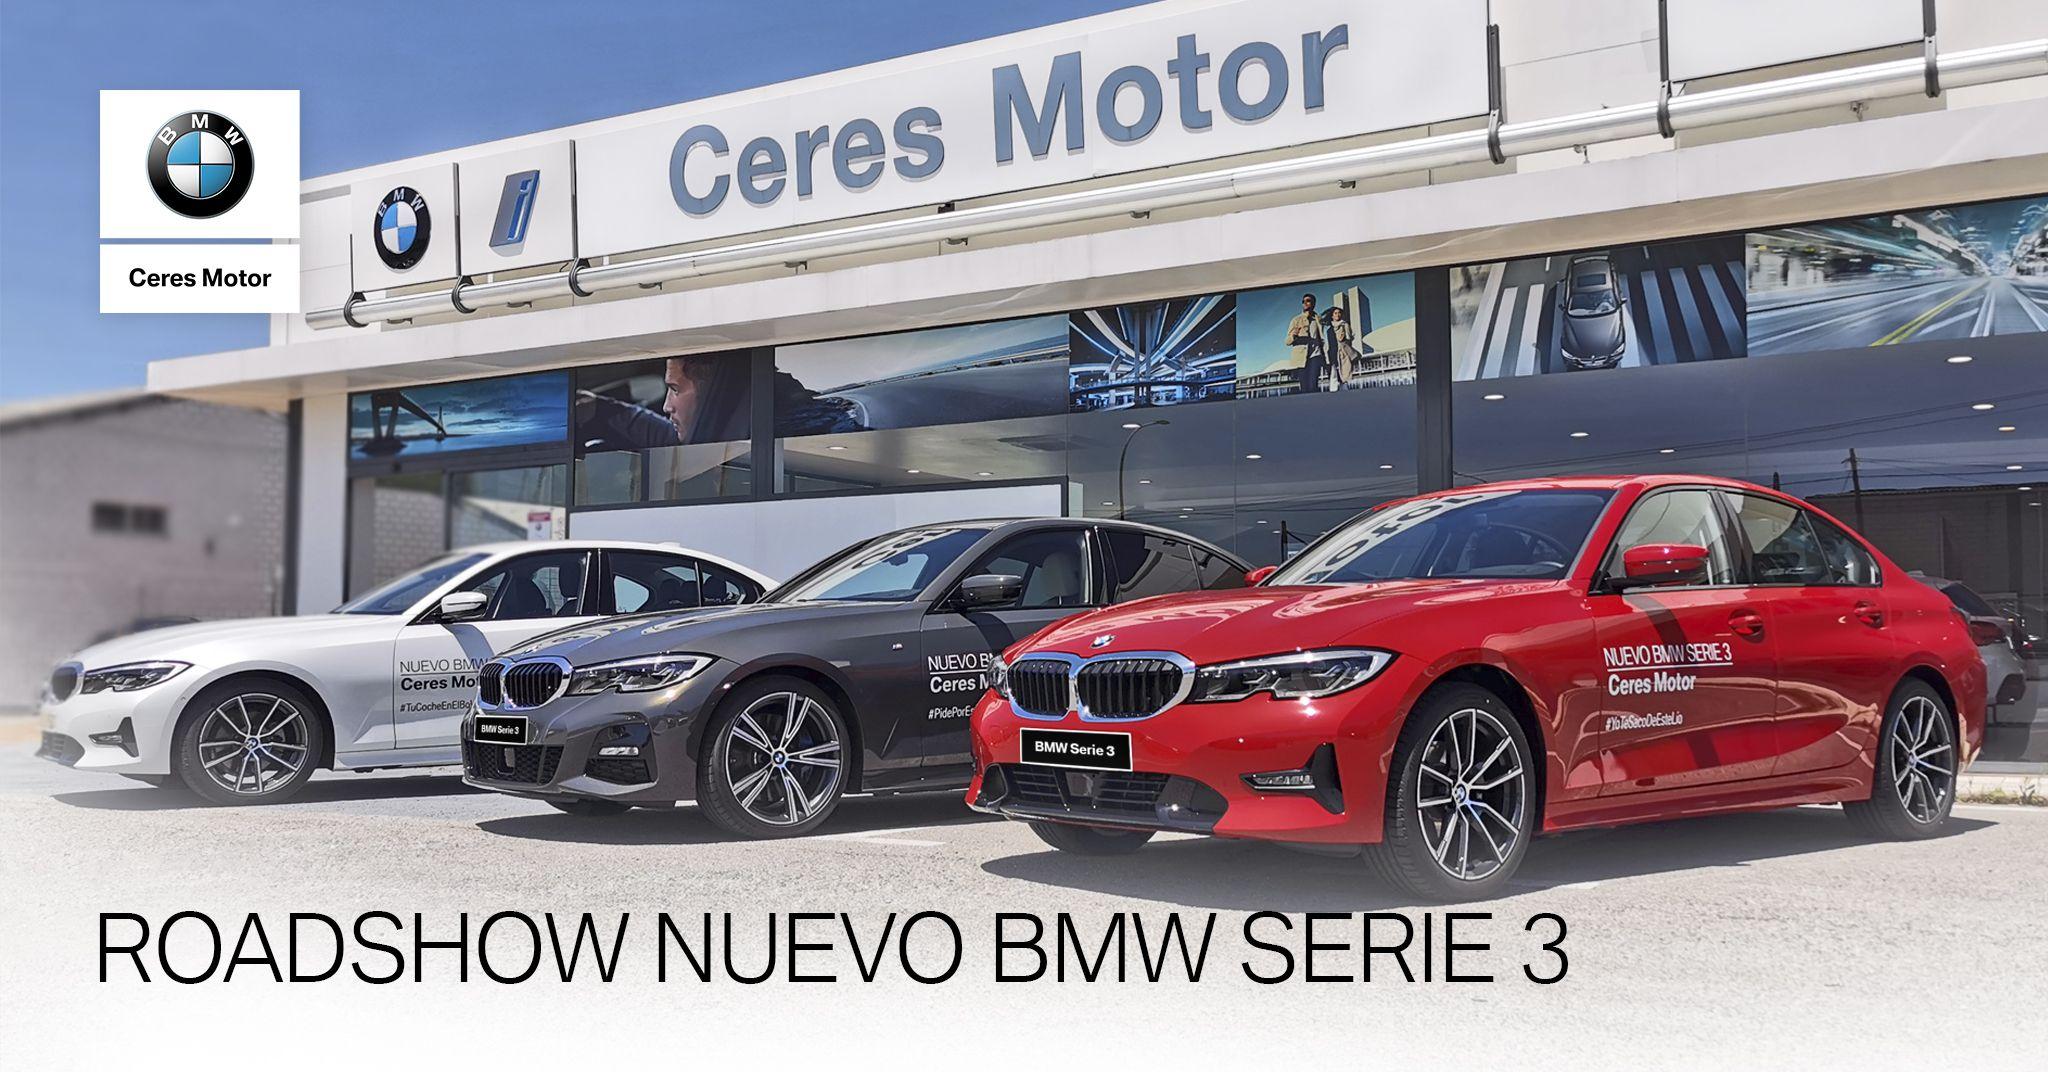 VEN A PROBAR EL NUEVO BMW SERIE 3